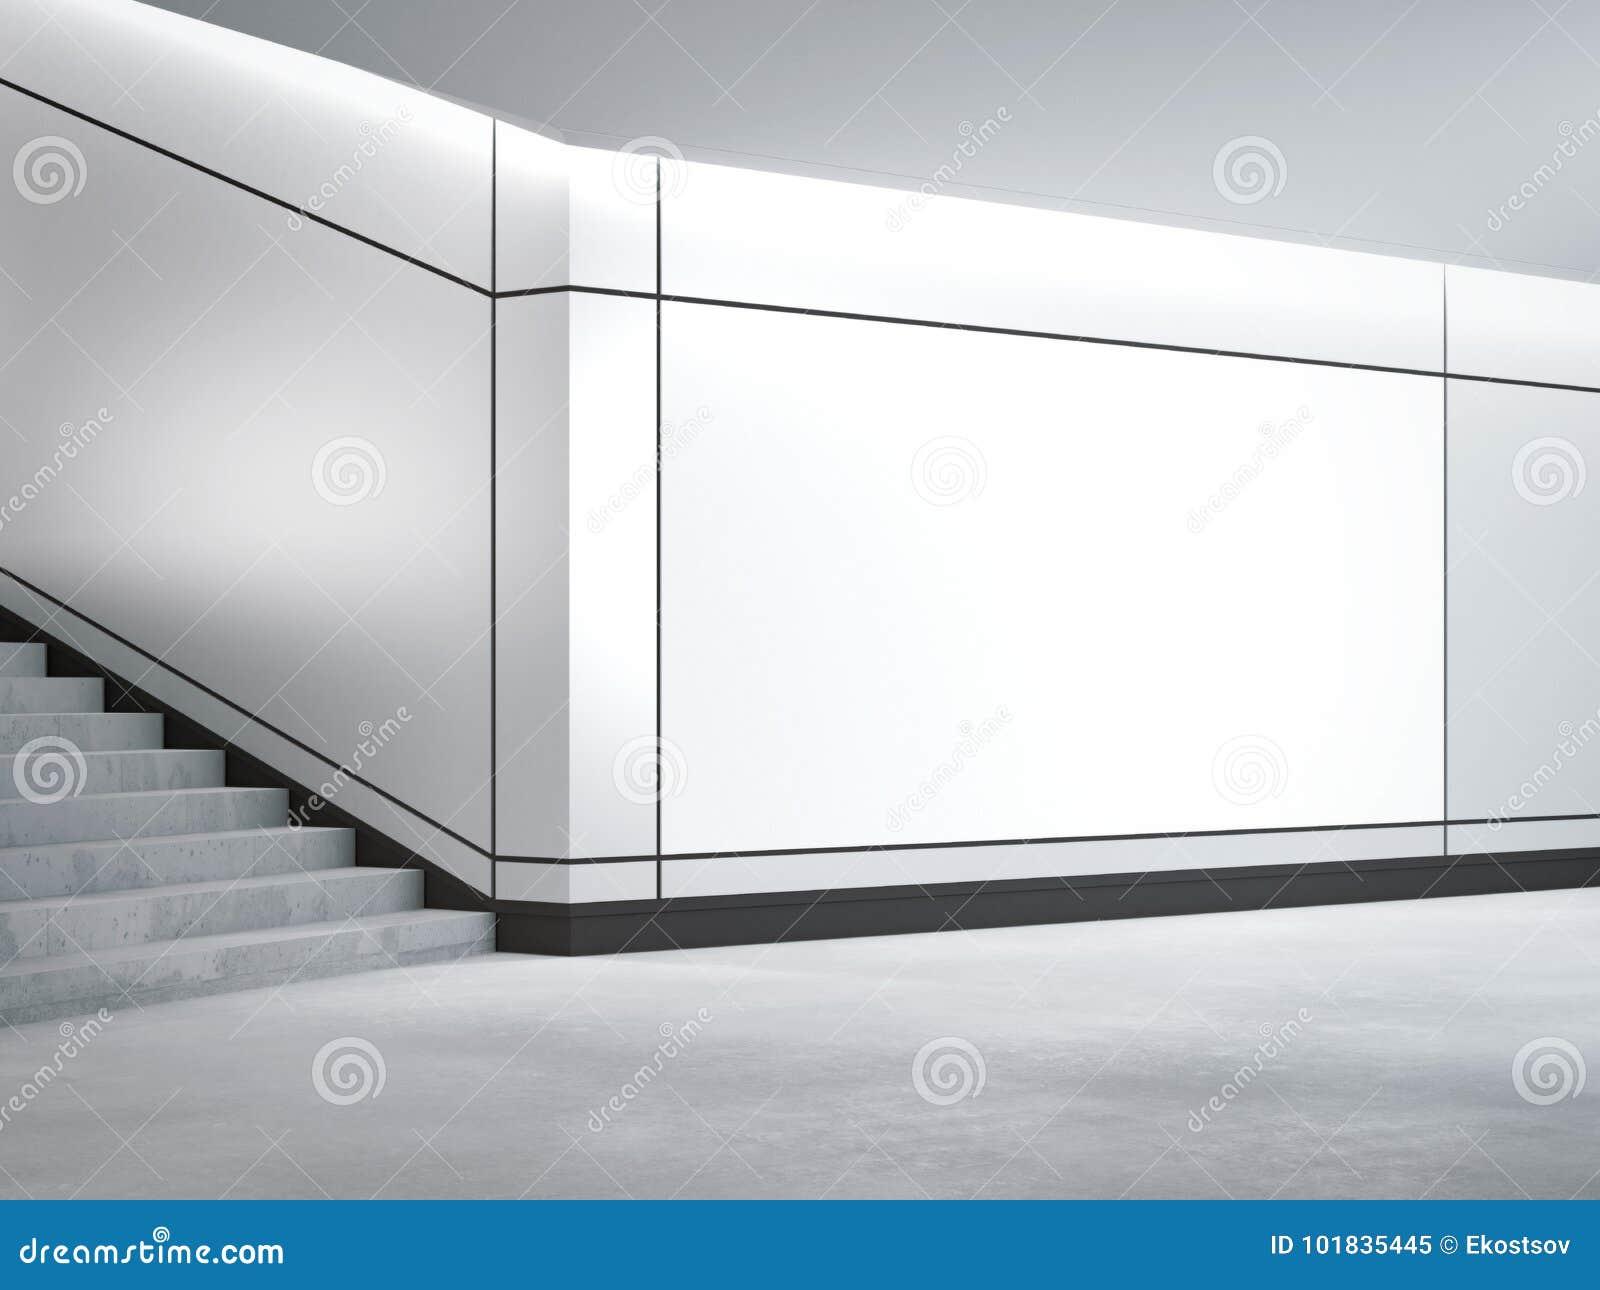 Bandera en blanco adentro subterráneo representación 3d